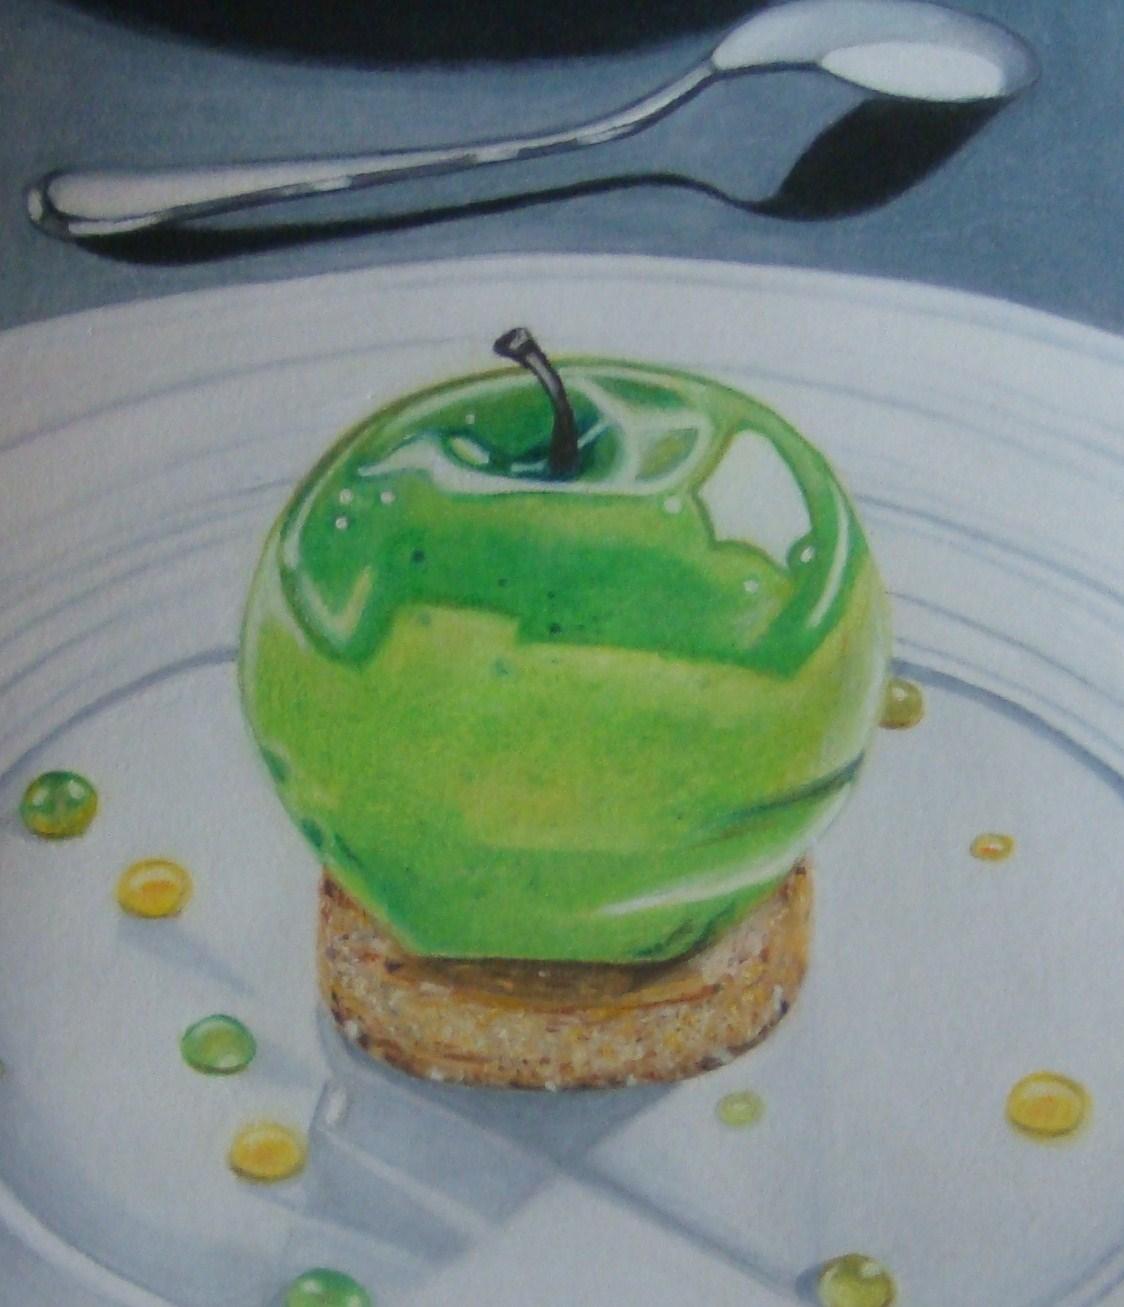 Dessin la tarte aux pommes de julien - Dessin tarte aux pommes ...